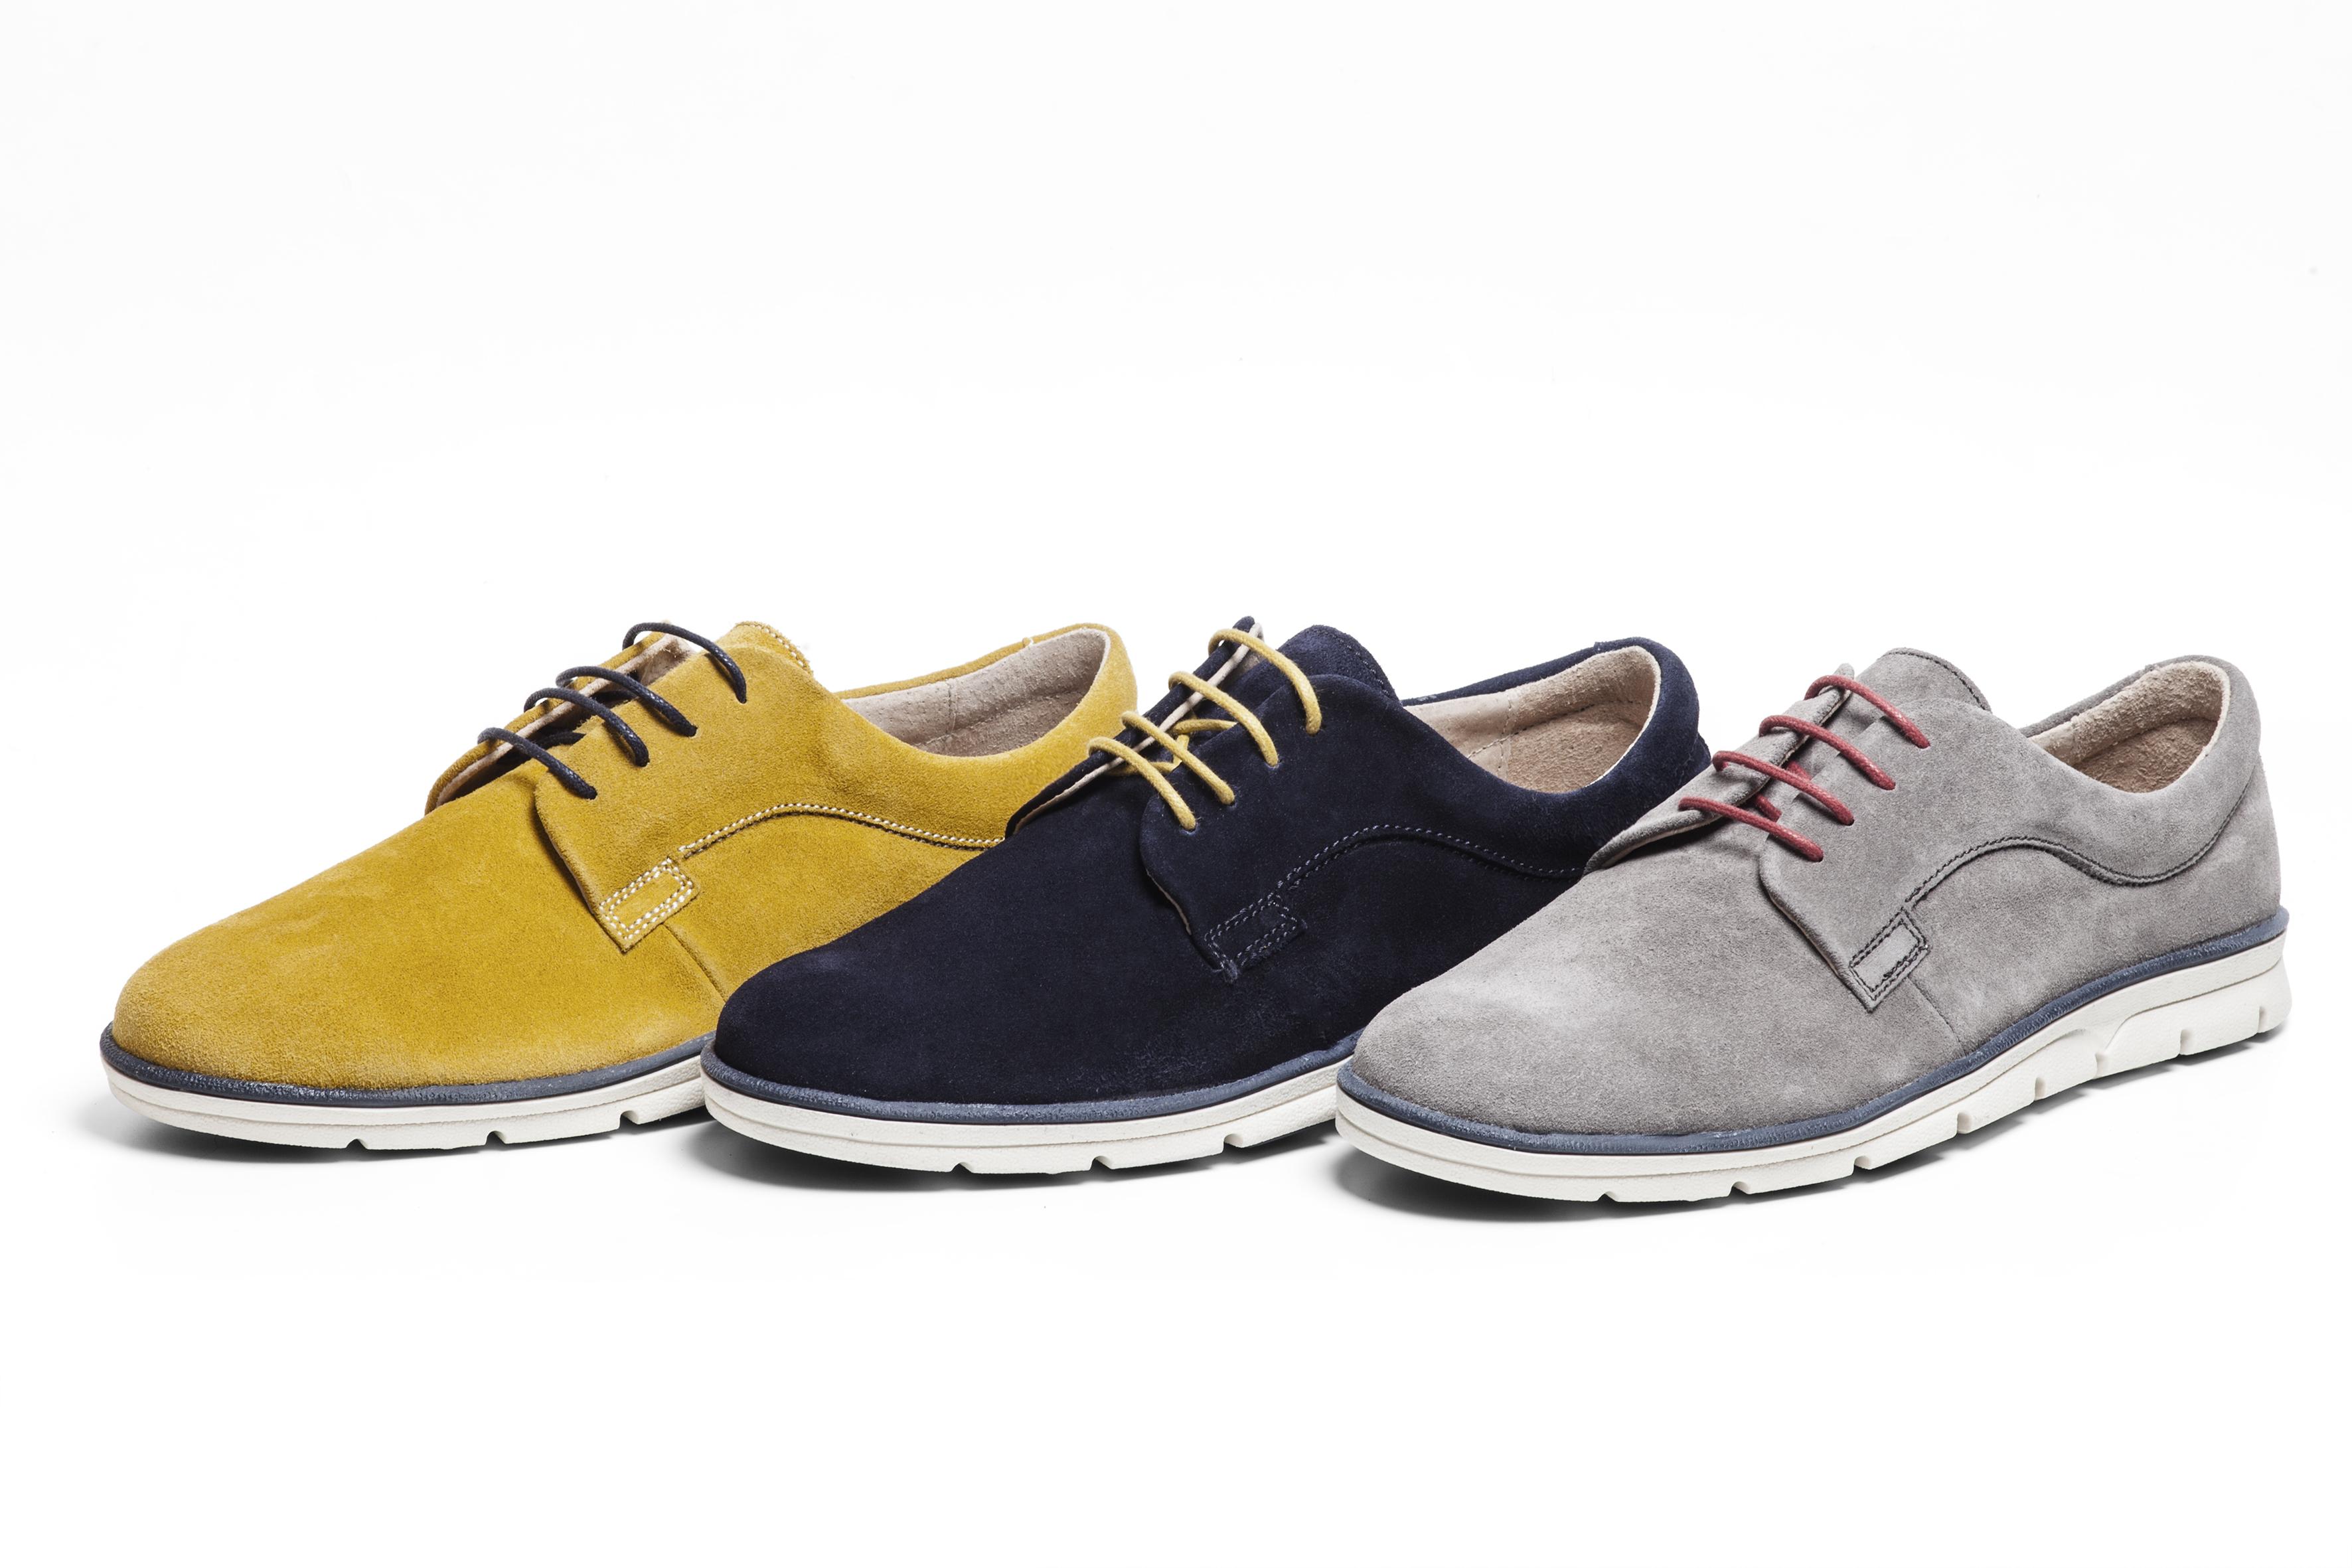 dda11da8 zapatos hombres moda,Outfit DJ Santa tendencias moda calzado hombre  primavera verano 3